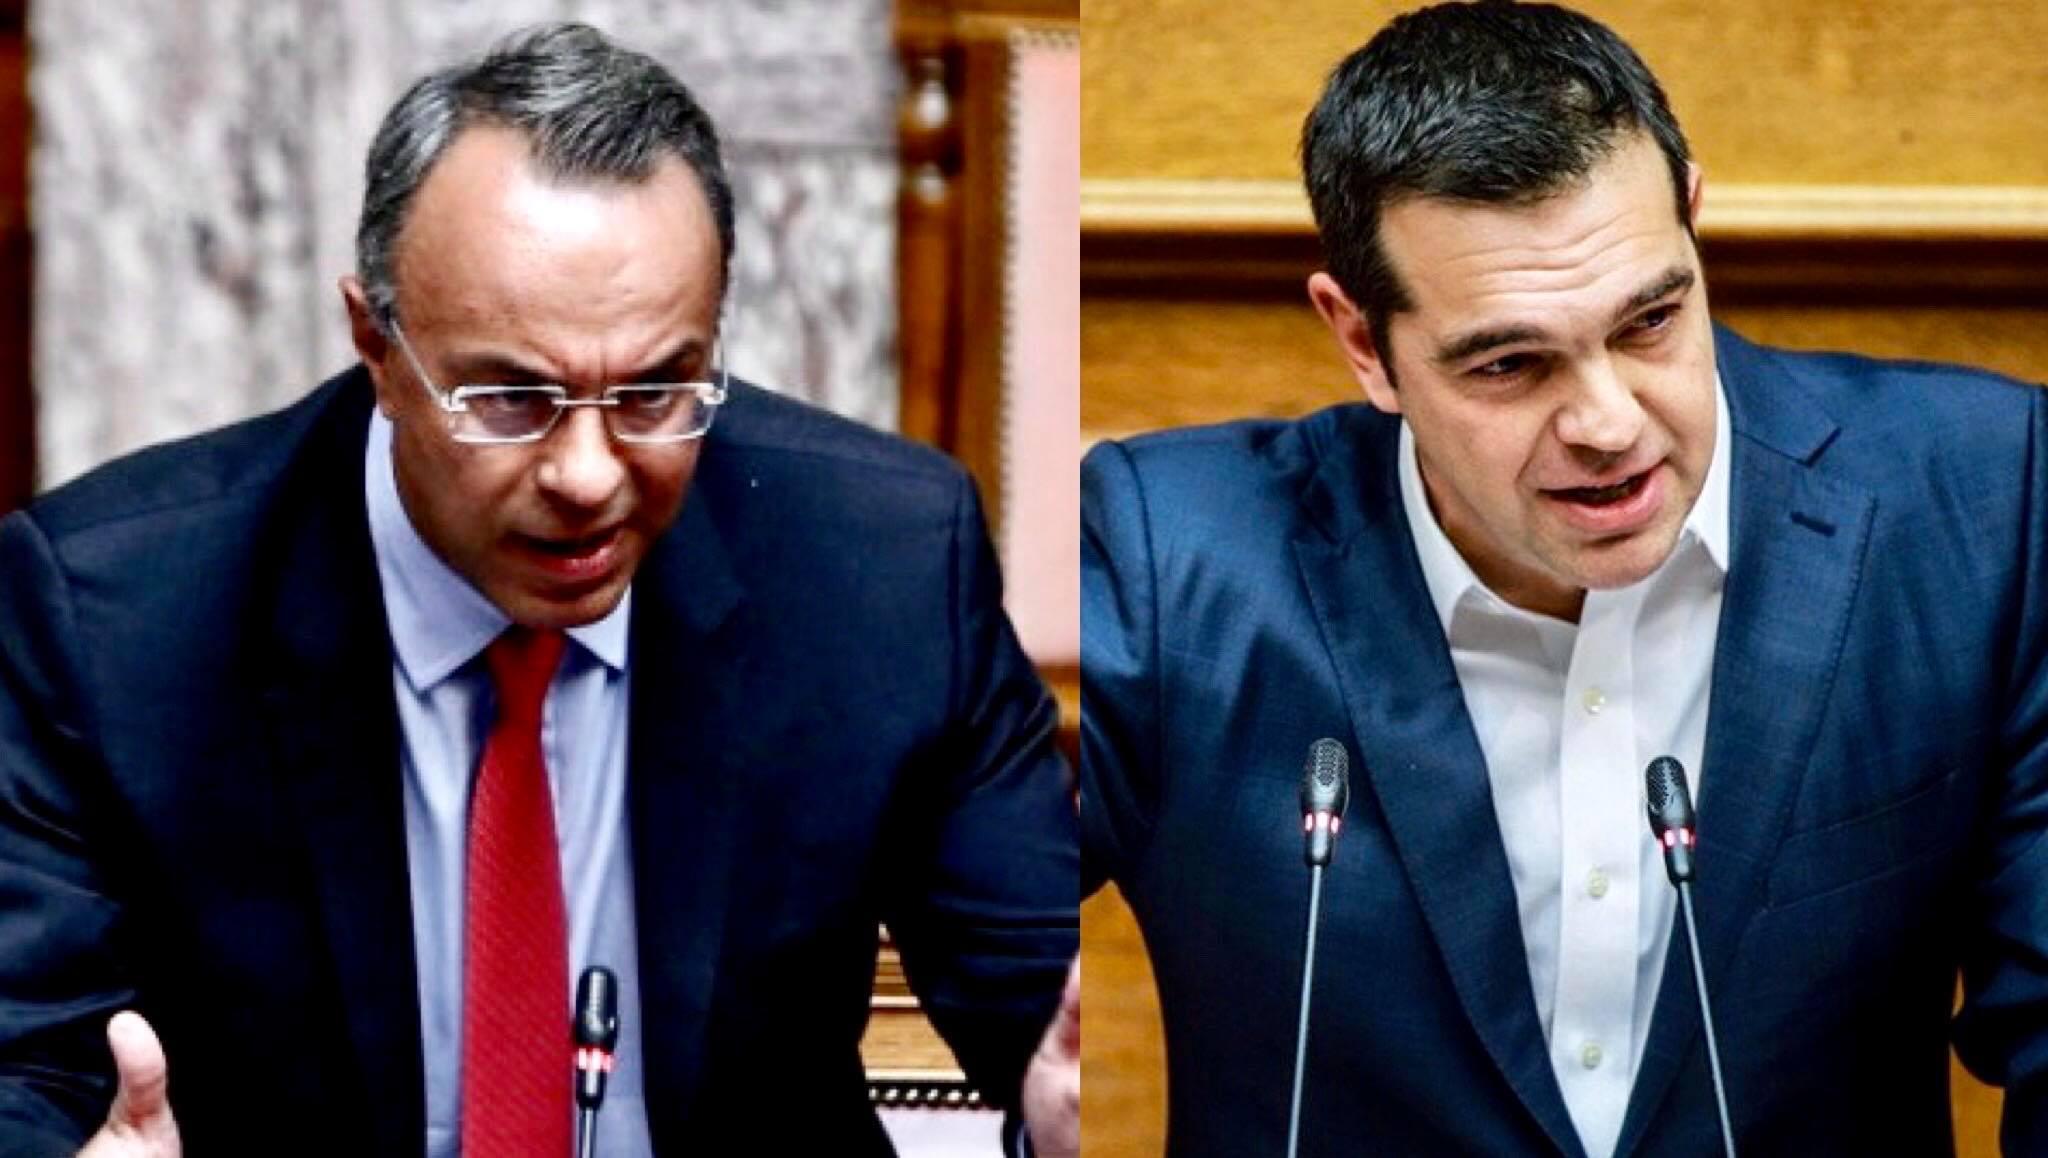 Πρόταση δυσπιστίας εναντίον του υπουργού Οικονομίας, Χρήστου Σταϊκούρα, κατέθεσε ο ΣΥΡΙΖΑ – Η απάντηση Σταϊκούρα